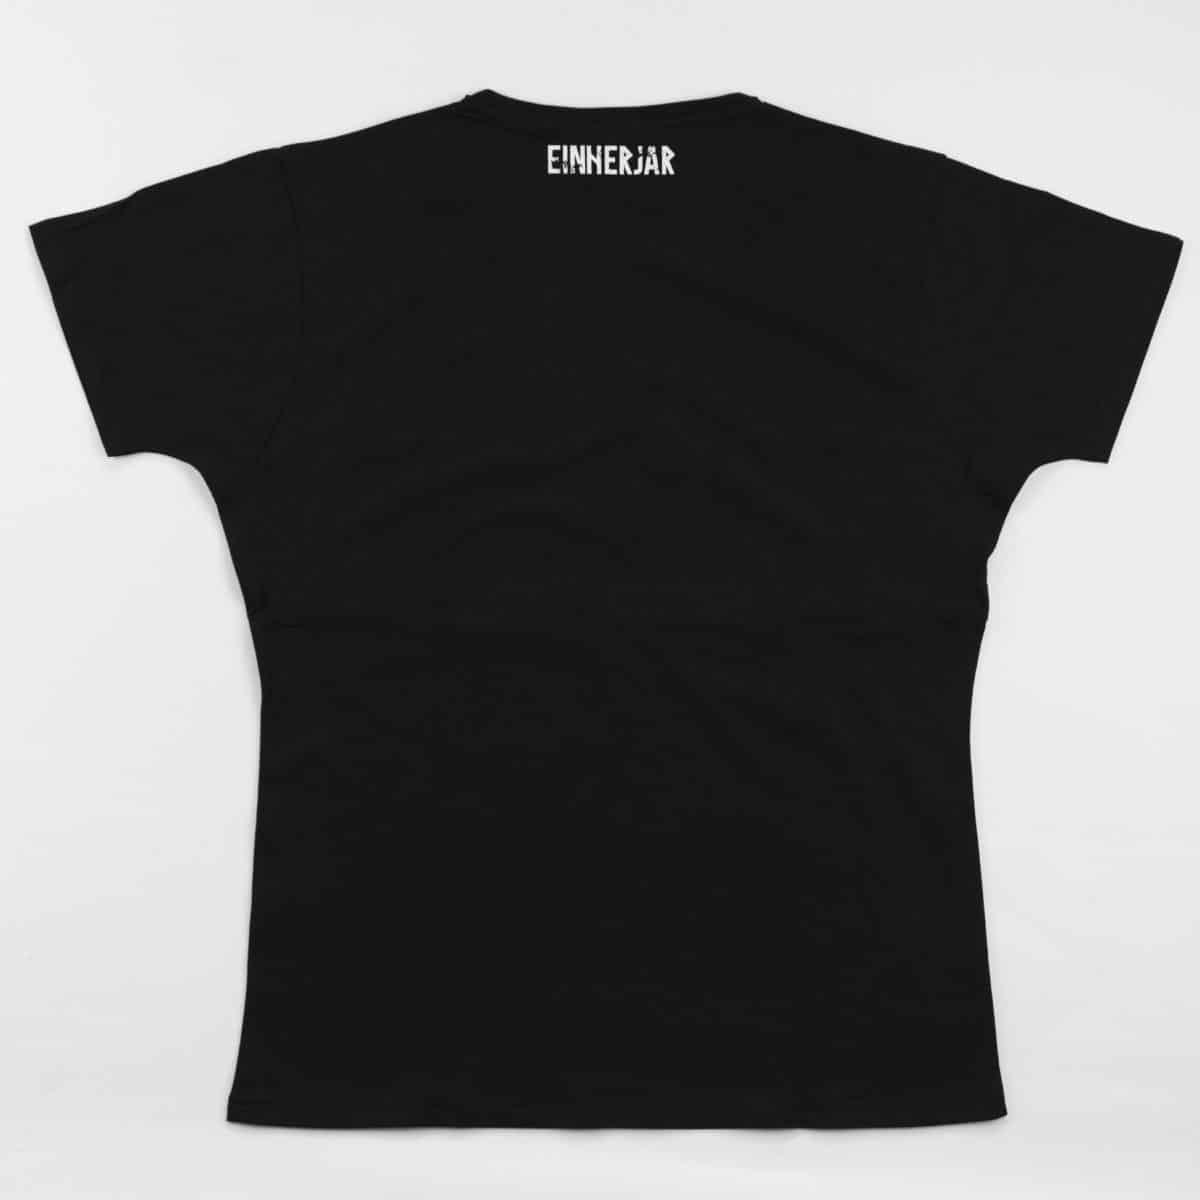 Einherjar Logo Tshirt